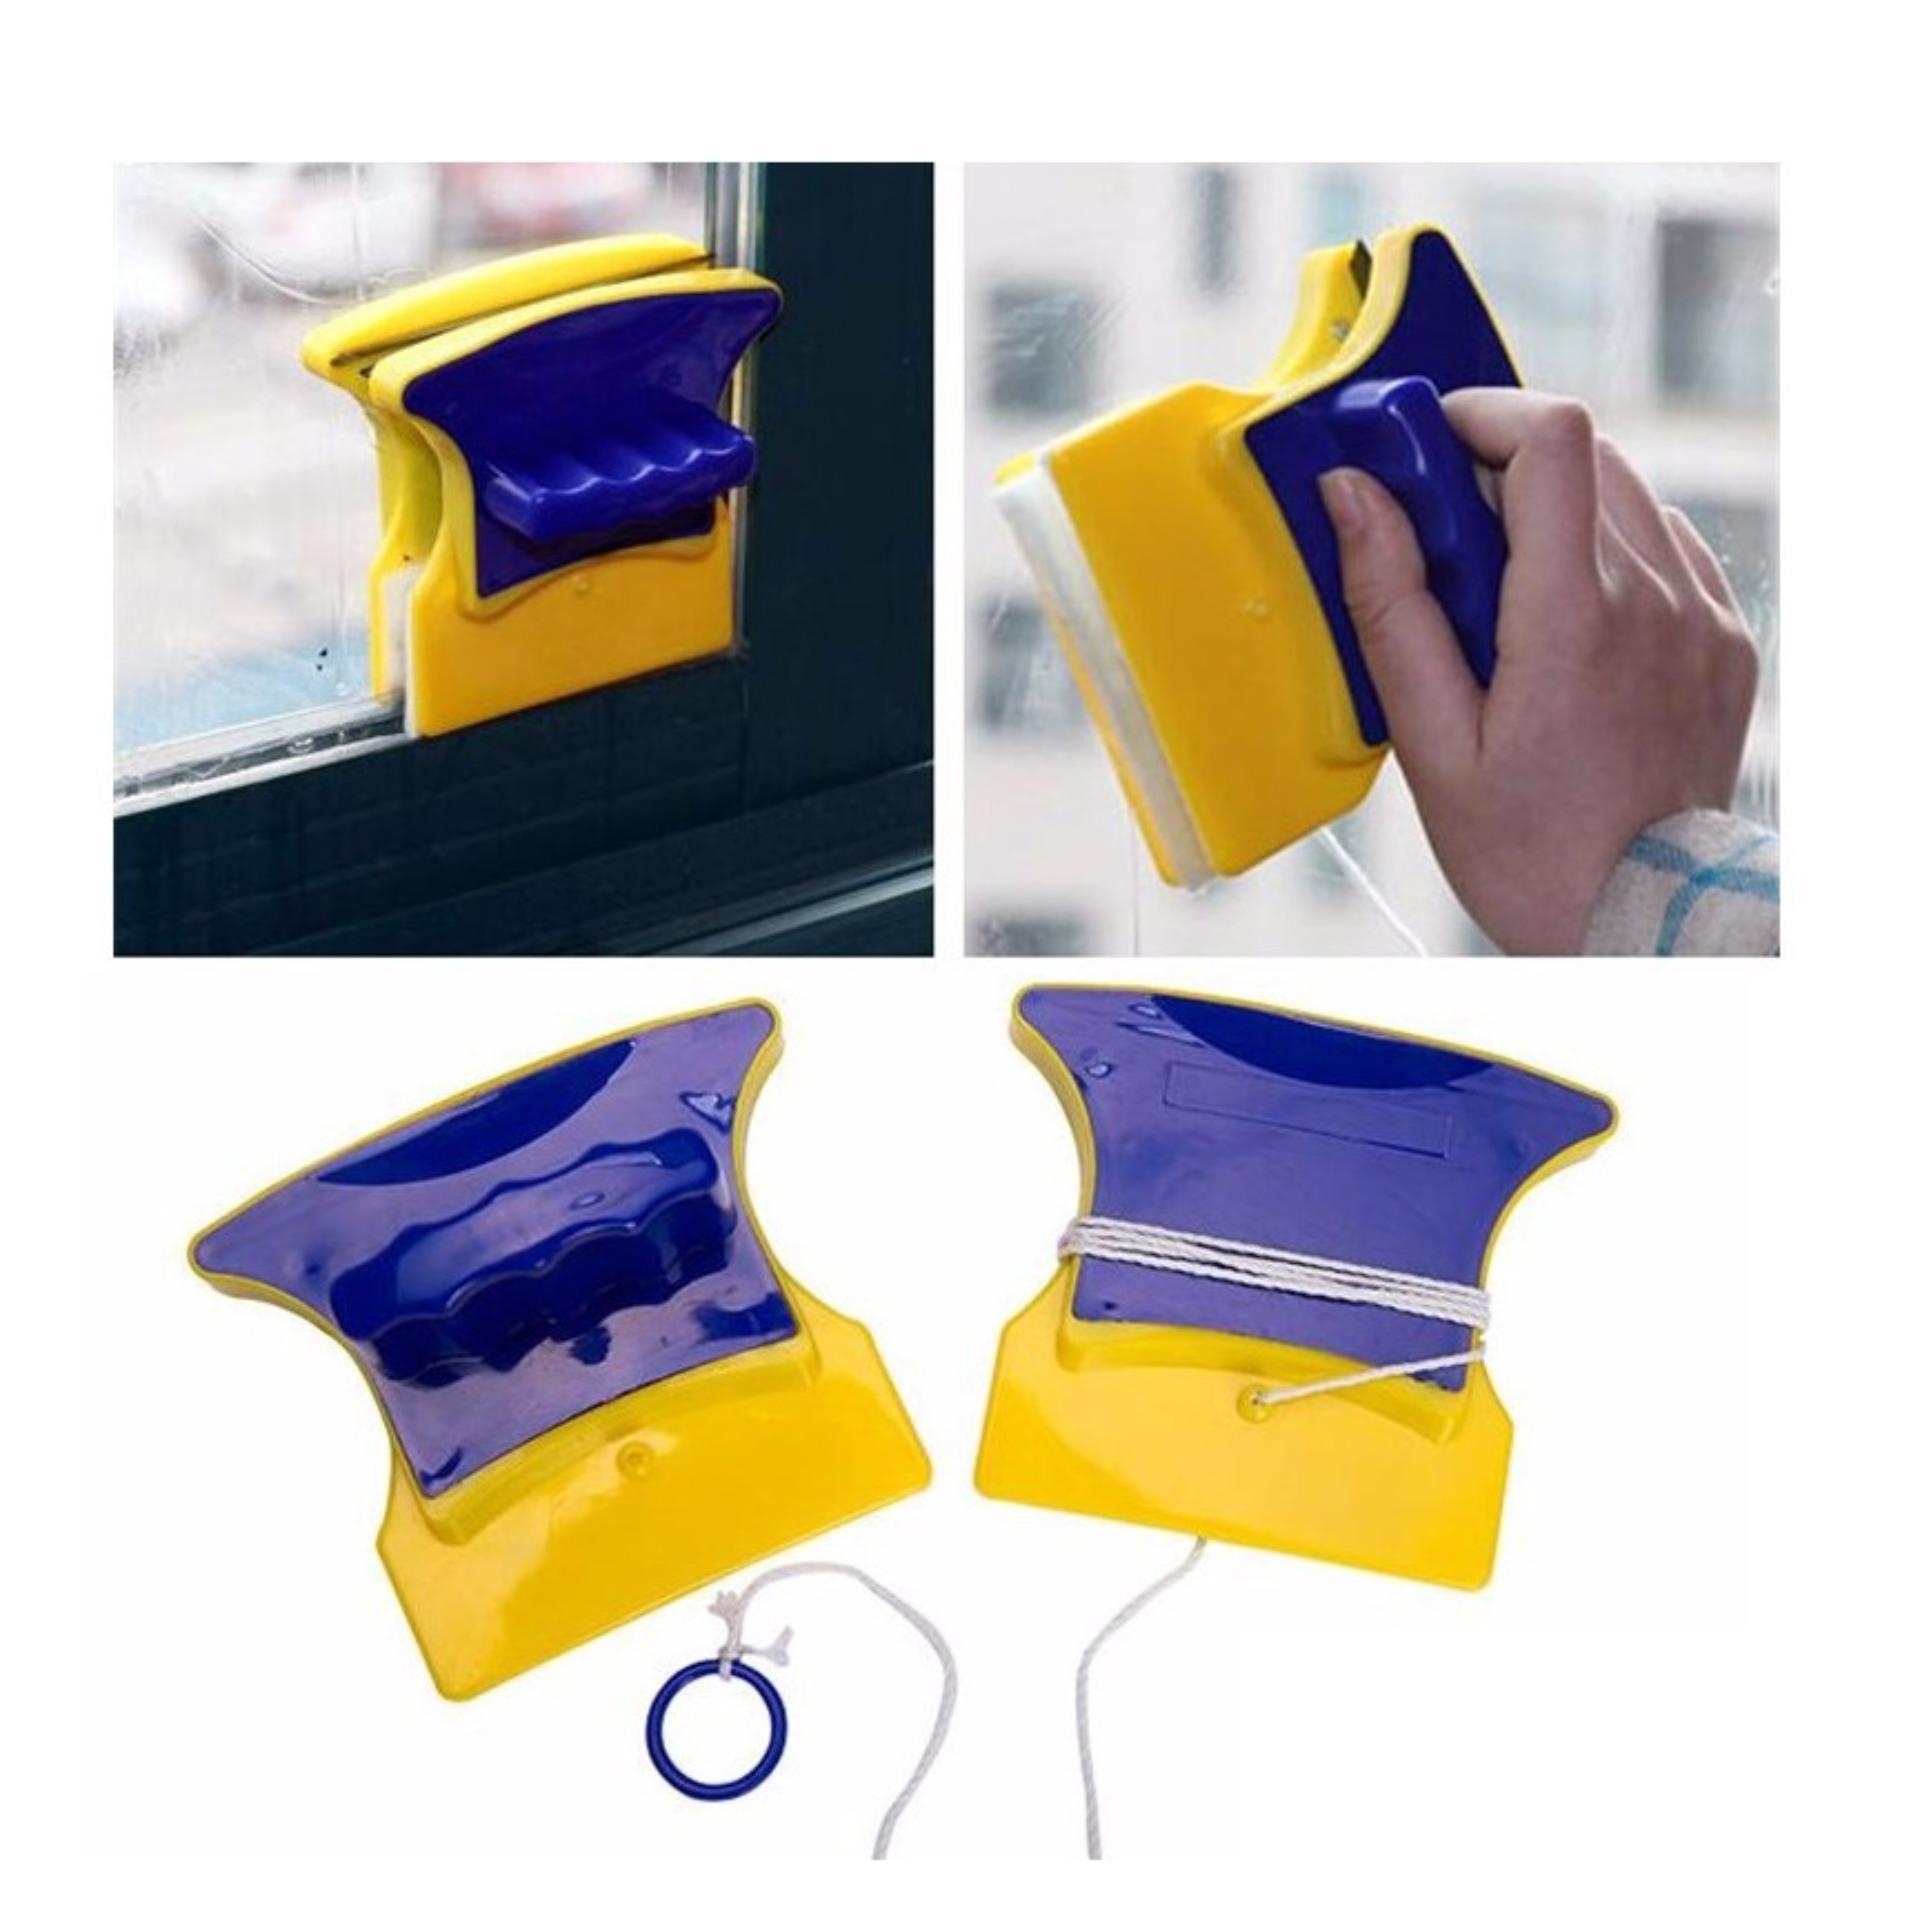 Cách lau kính , Cach lau kinh sach  - Dụng cụ lau kính tiện dụng  - hàng cao cấp - giá rẻ -  uy tín - chất lượng - BH uy tín 1 đổi 1 bởi Bách Hóa HT